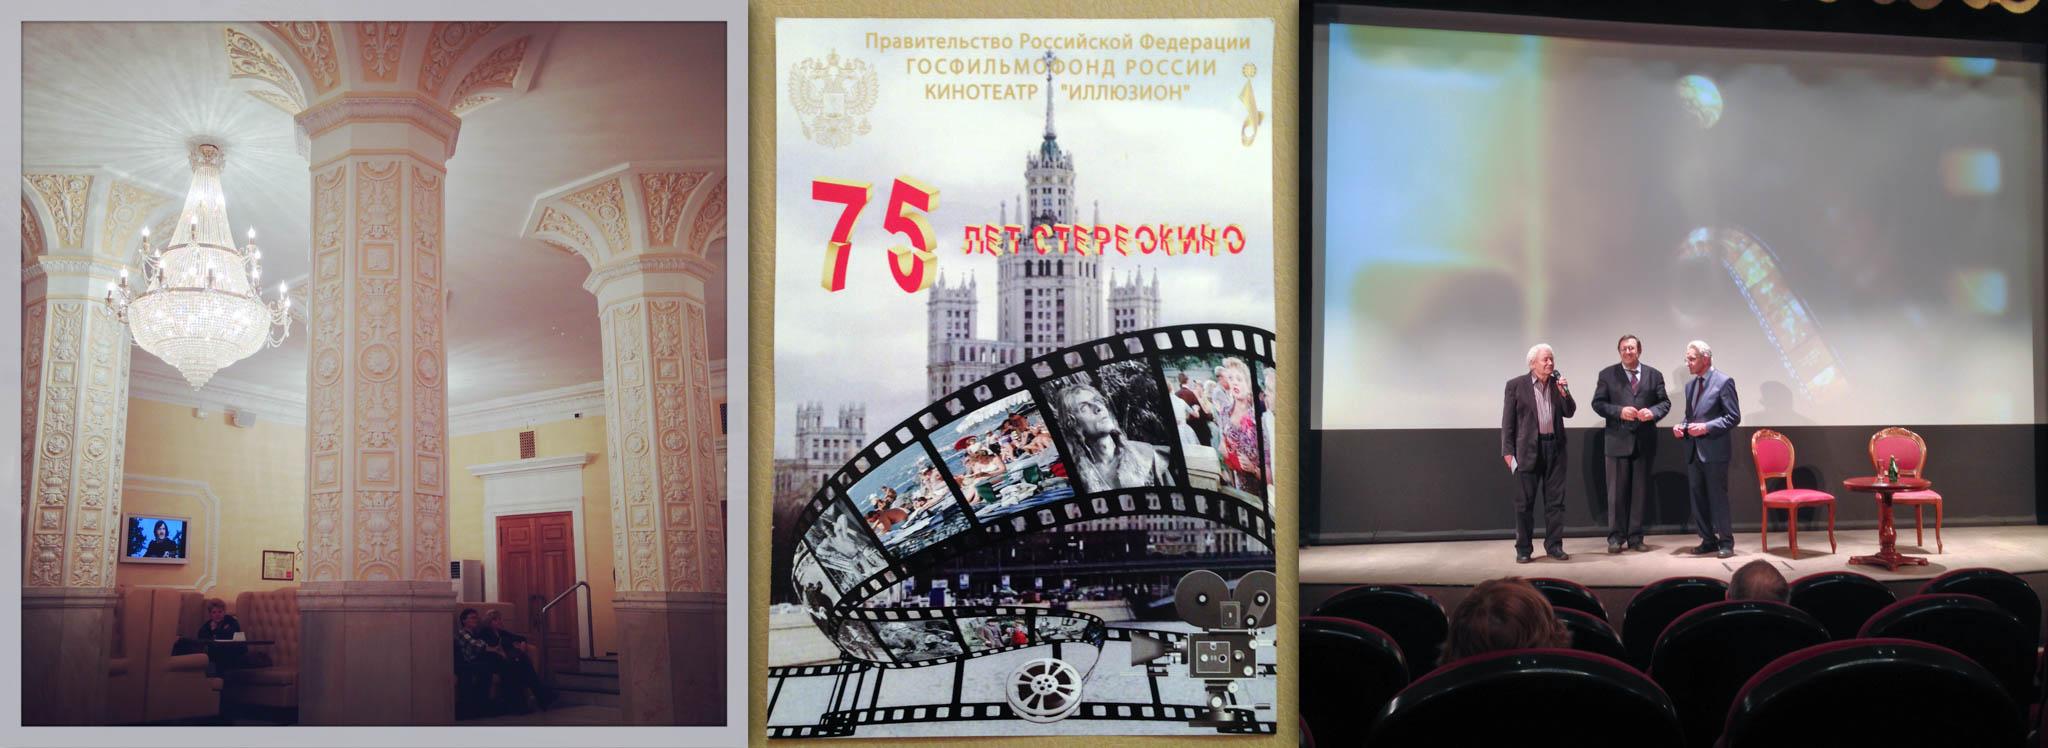 75 лет стереокино, кинотеатр Иллюзион, Москва, Россия, 3D, стерео, 2016